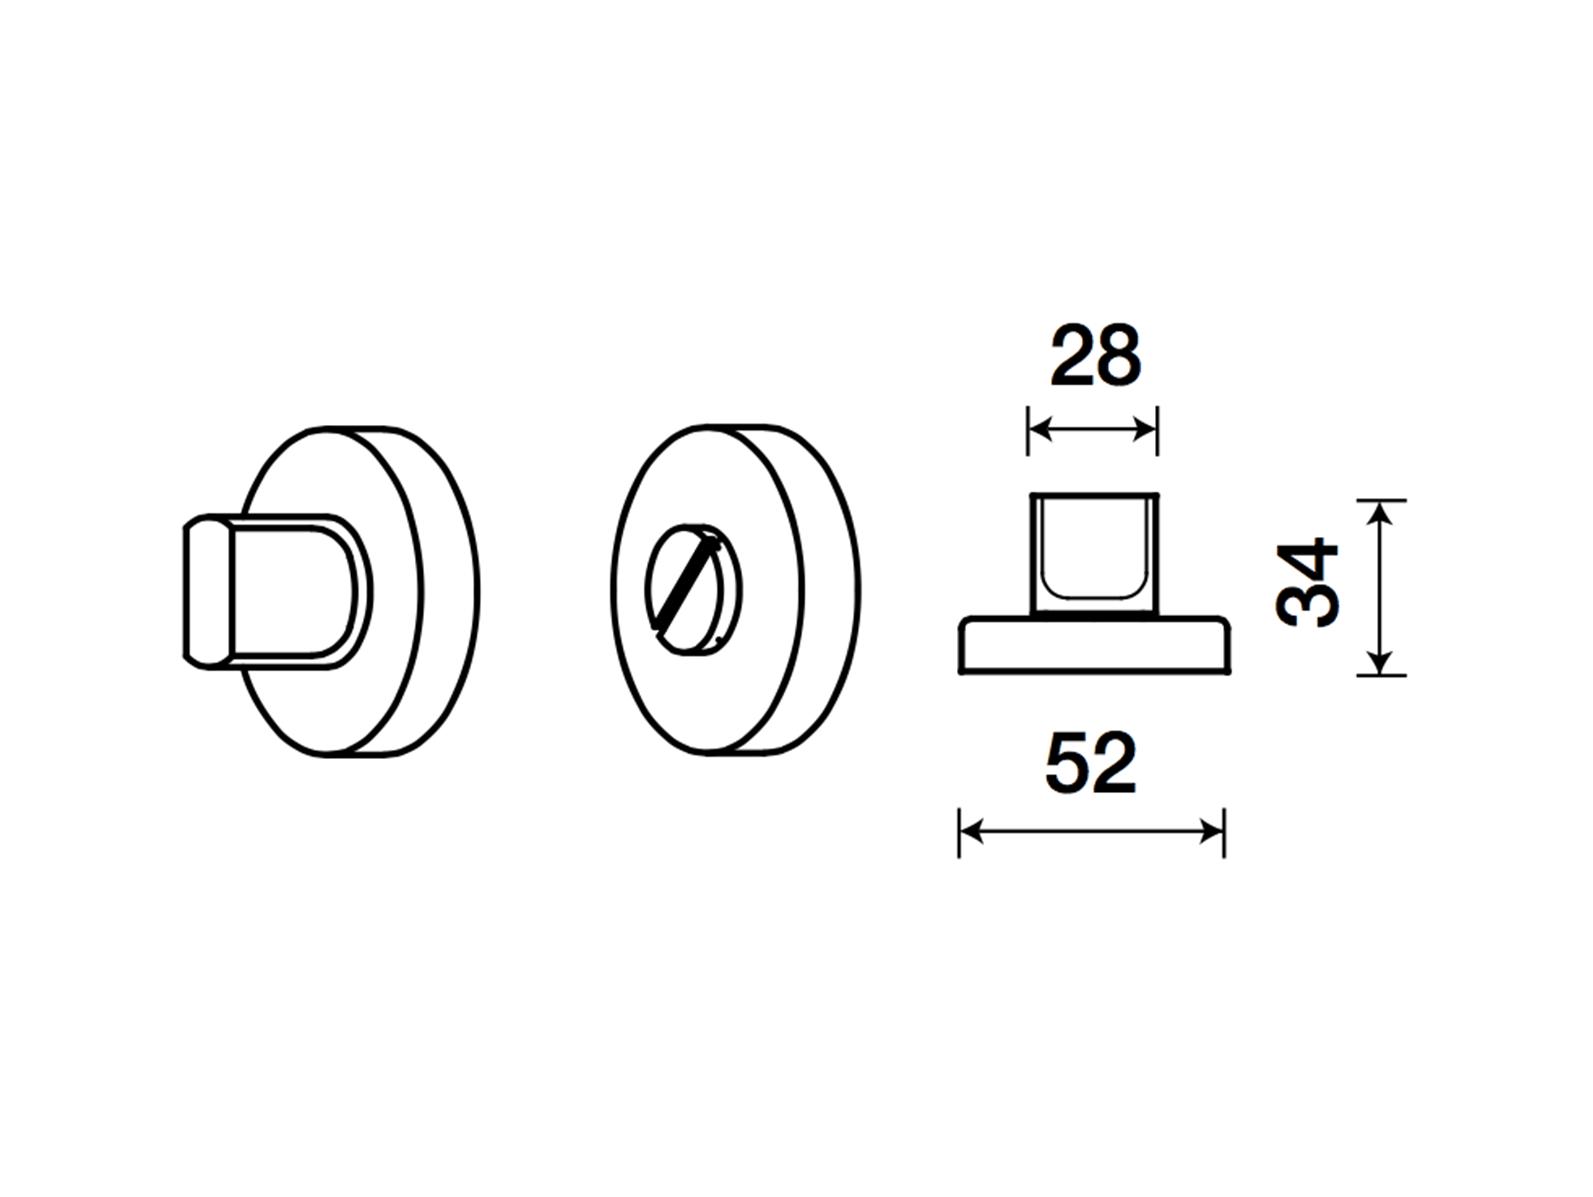 896-k52-mis